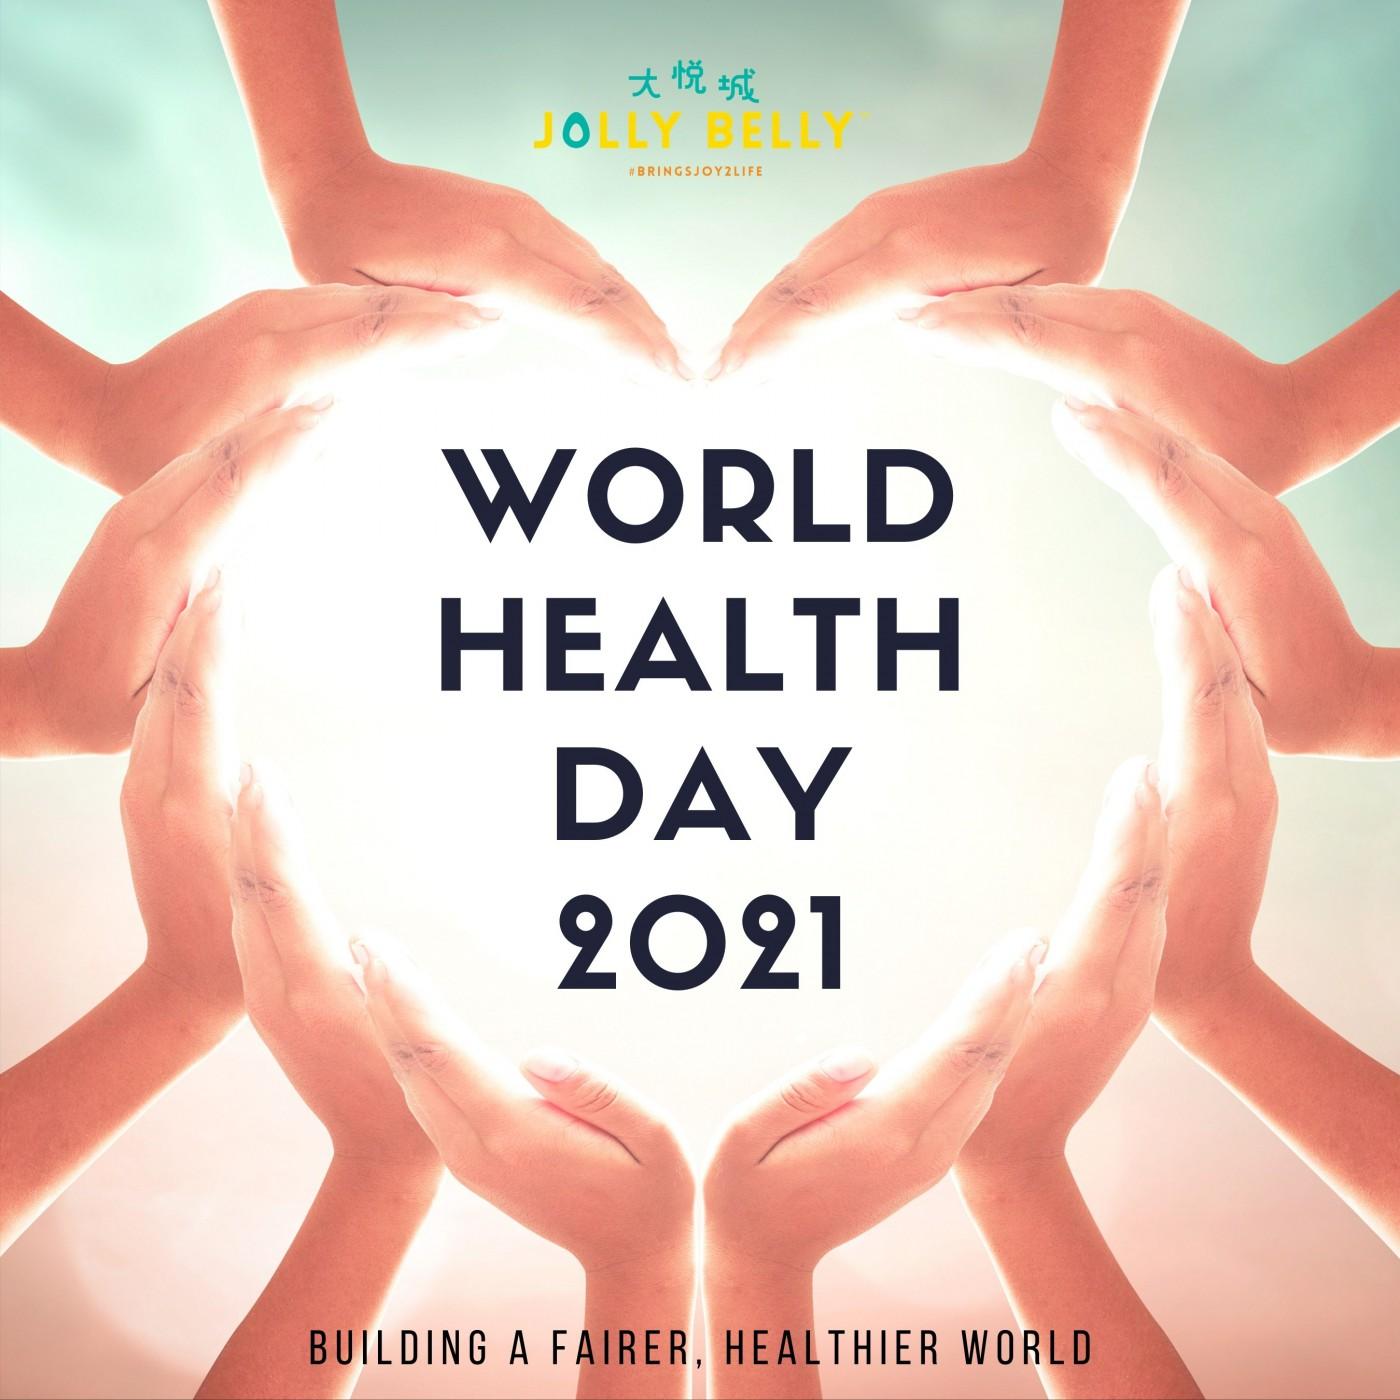 世界卫生日 2021